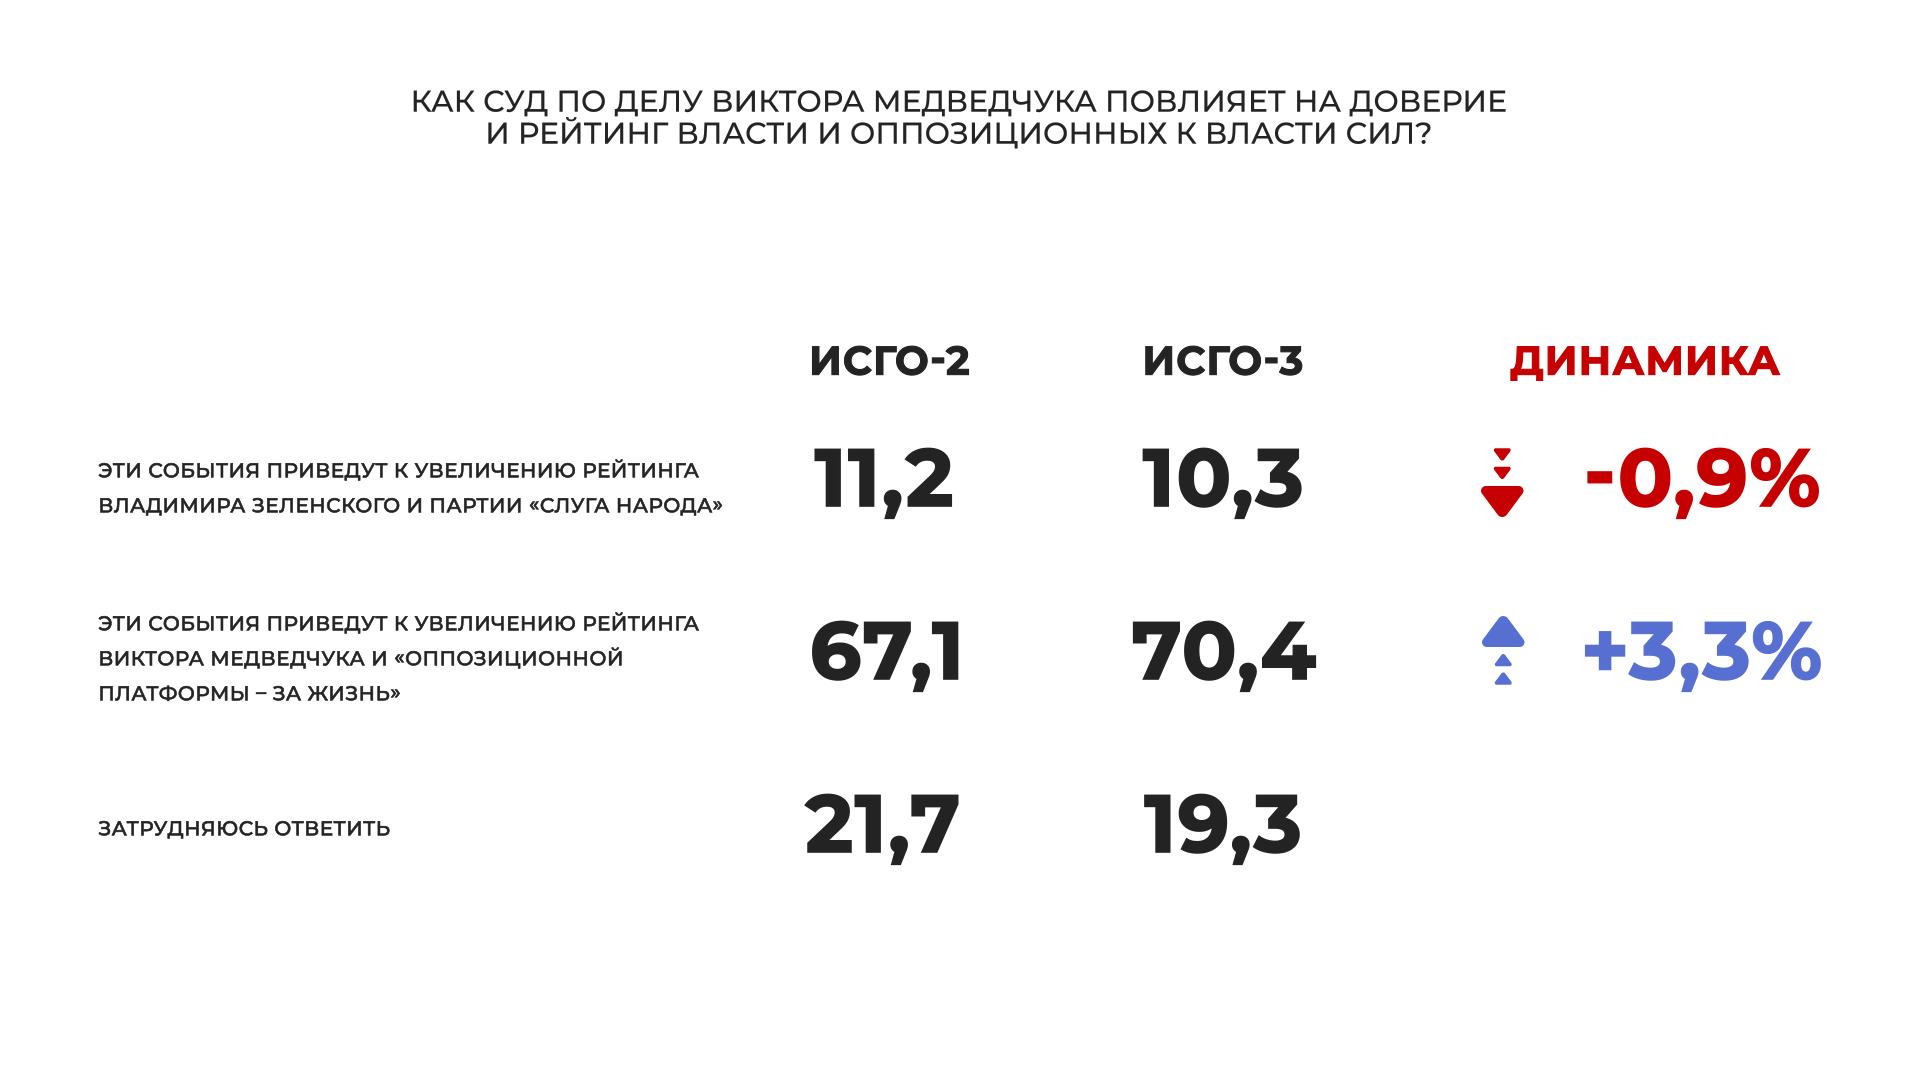 """""""Слуга народа"""" и """"Оппозиционная платформа – За жизнь"""" – лидеры парламентских выборов, большинство украинцев считают, что Медведчук невиновен, - соцопрос - фото 8"""